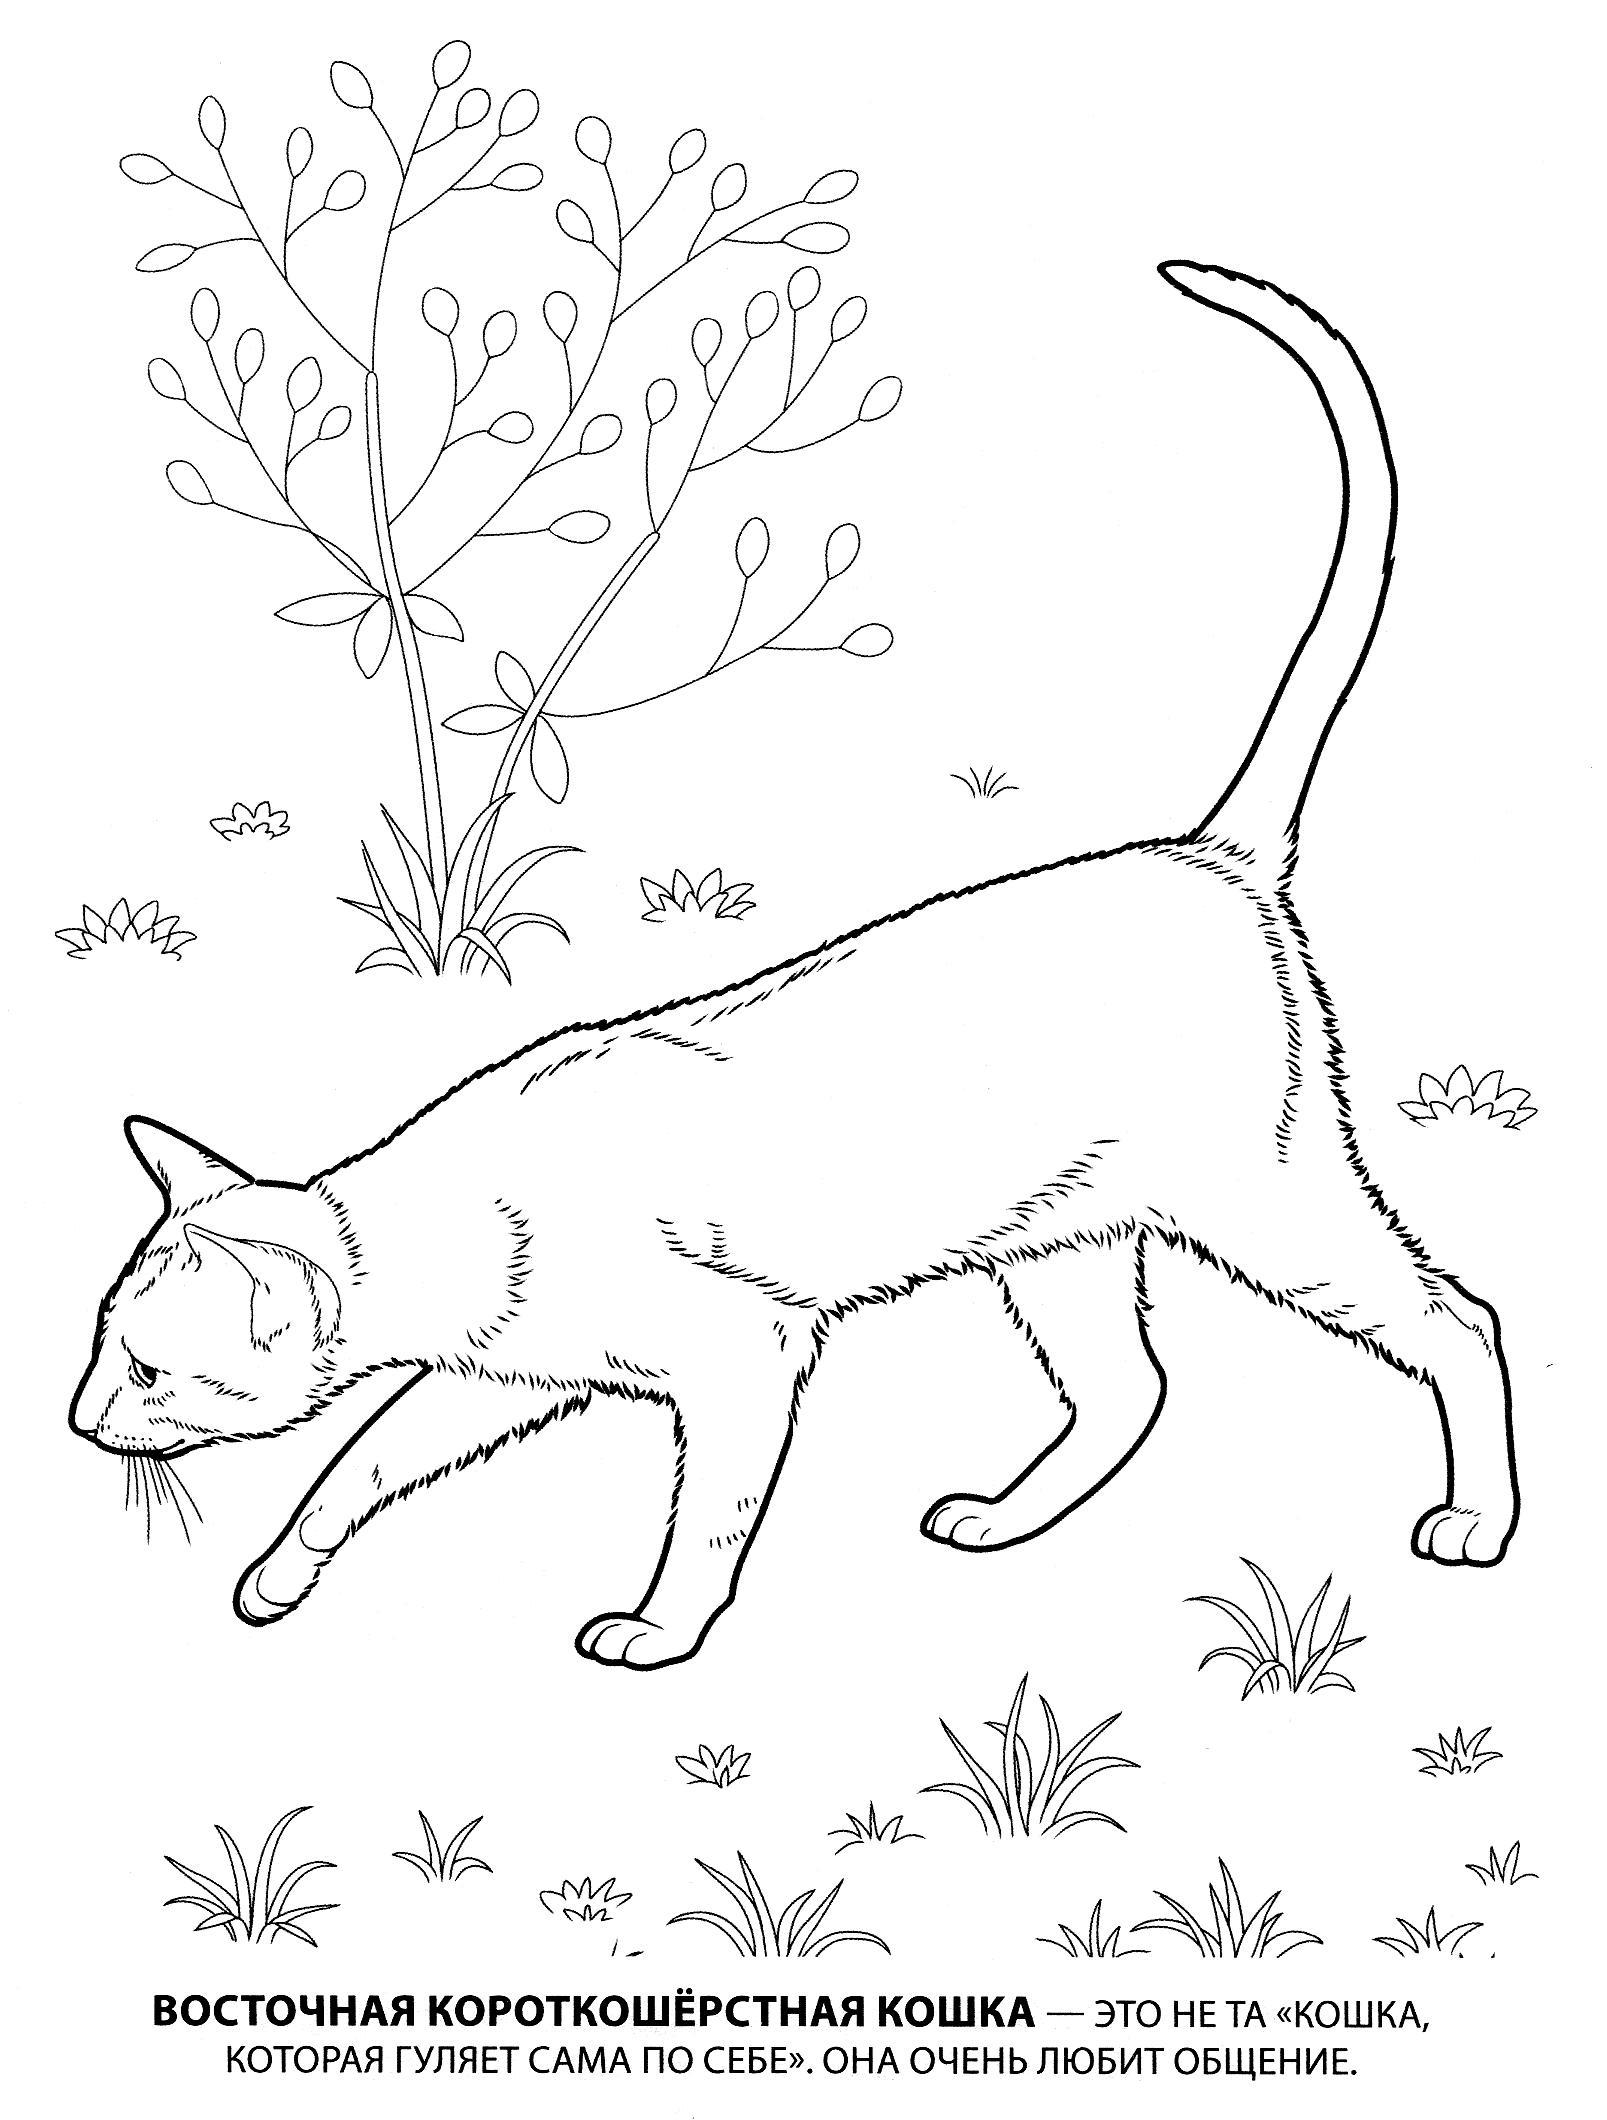 Раскраска восточная короткошерстная. раскраска короткошерстная кошка, домашняя кошка, рисунки кошек, раскраски для детей